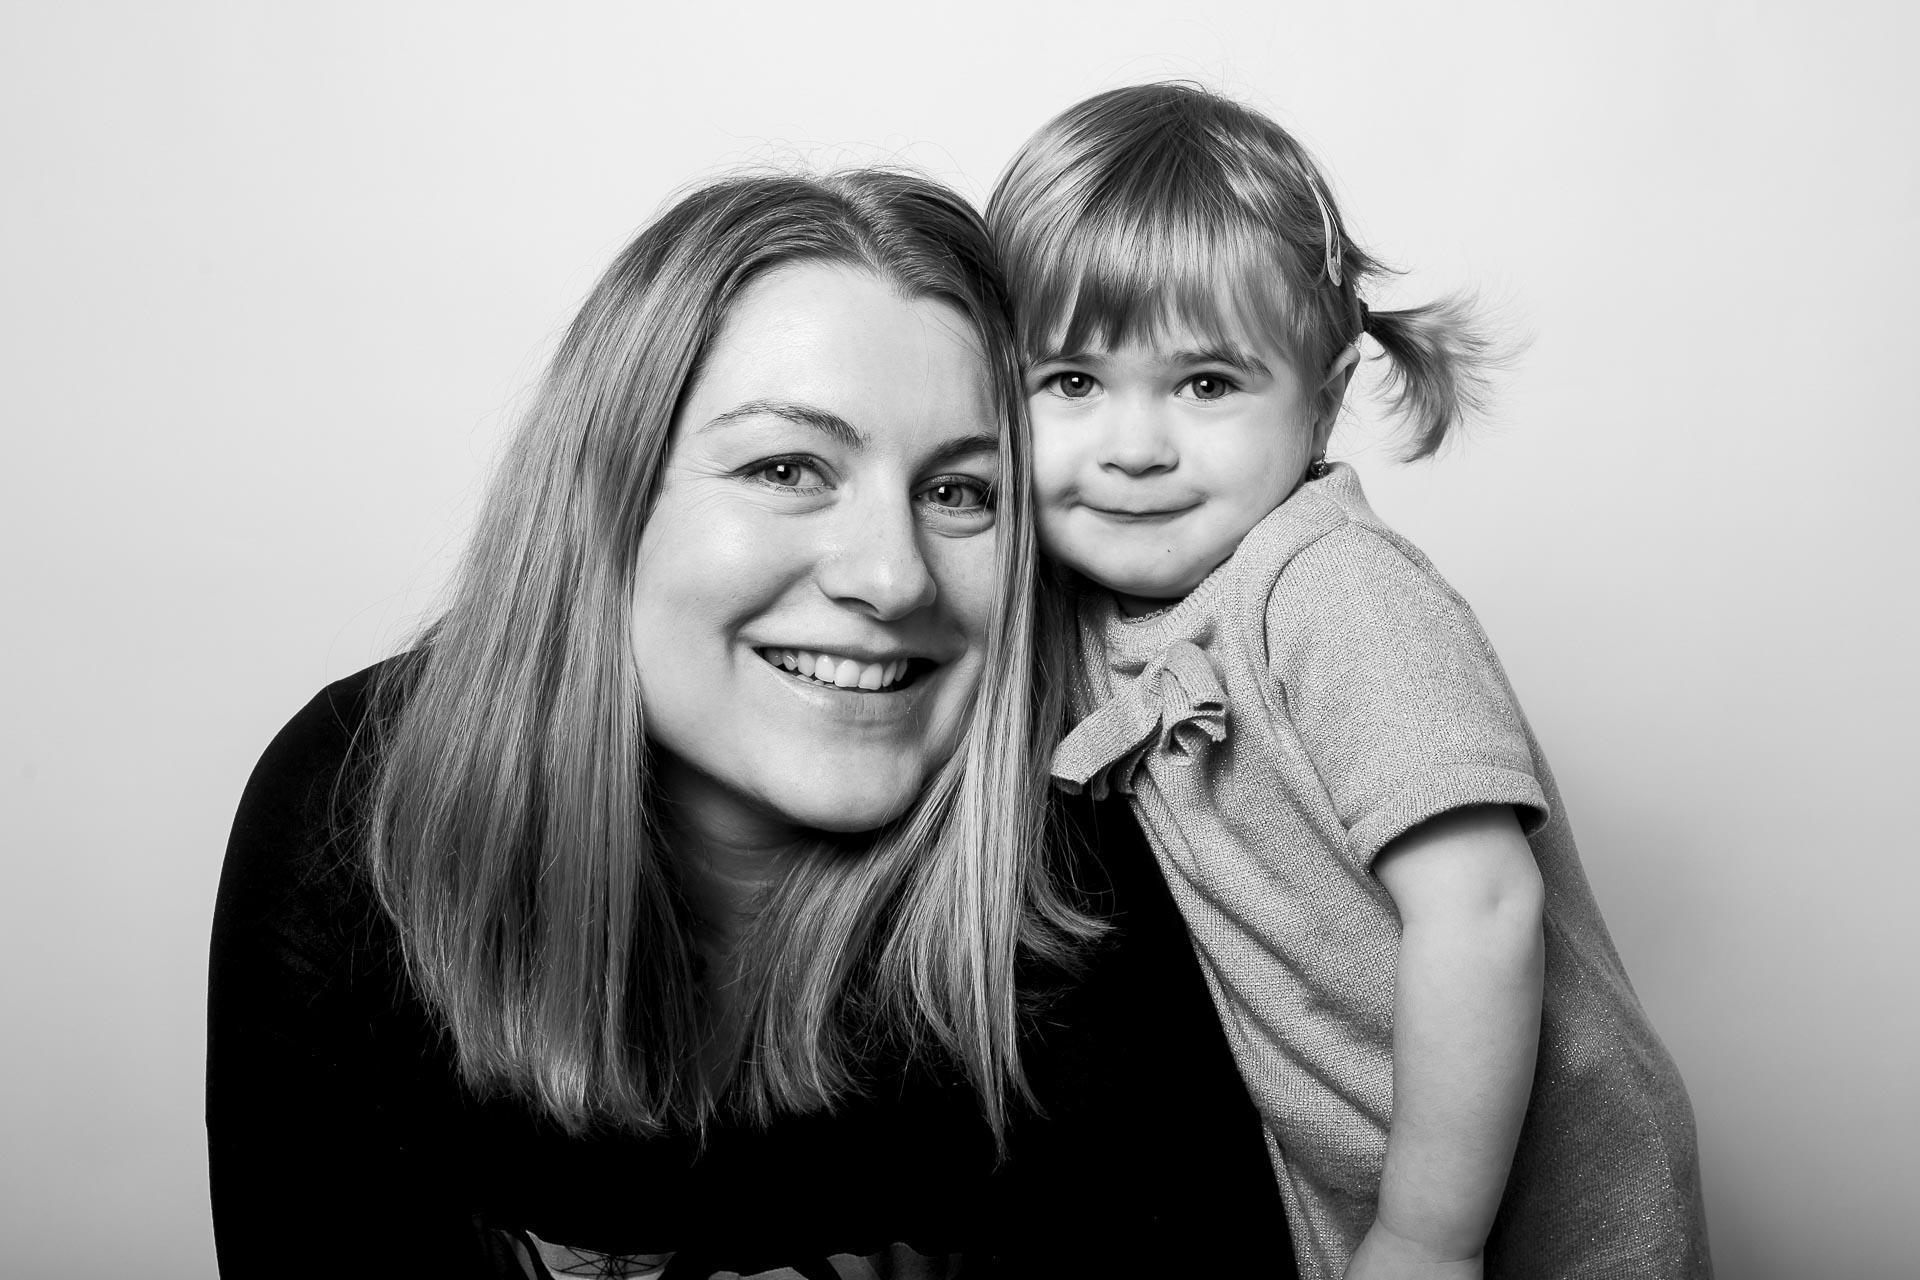 profesionální rodinné fotografování v ateliéru, exteriéru od Studio Beautyfoto, Lysá nad Labem-2-2